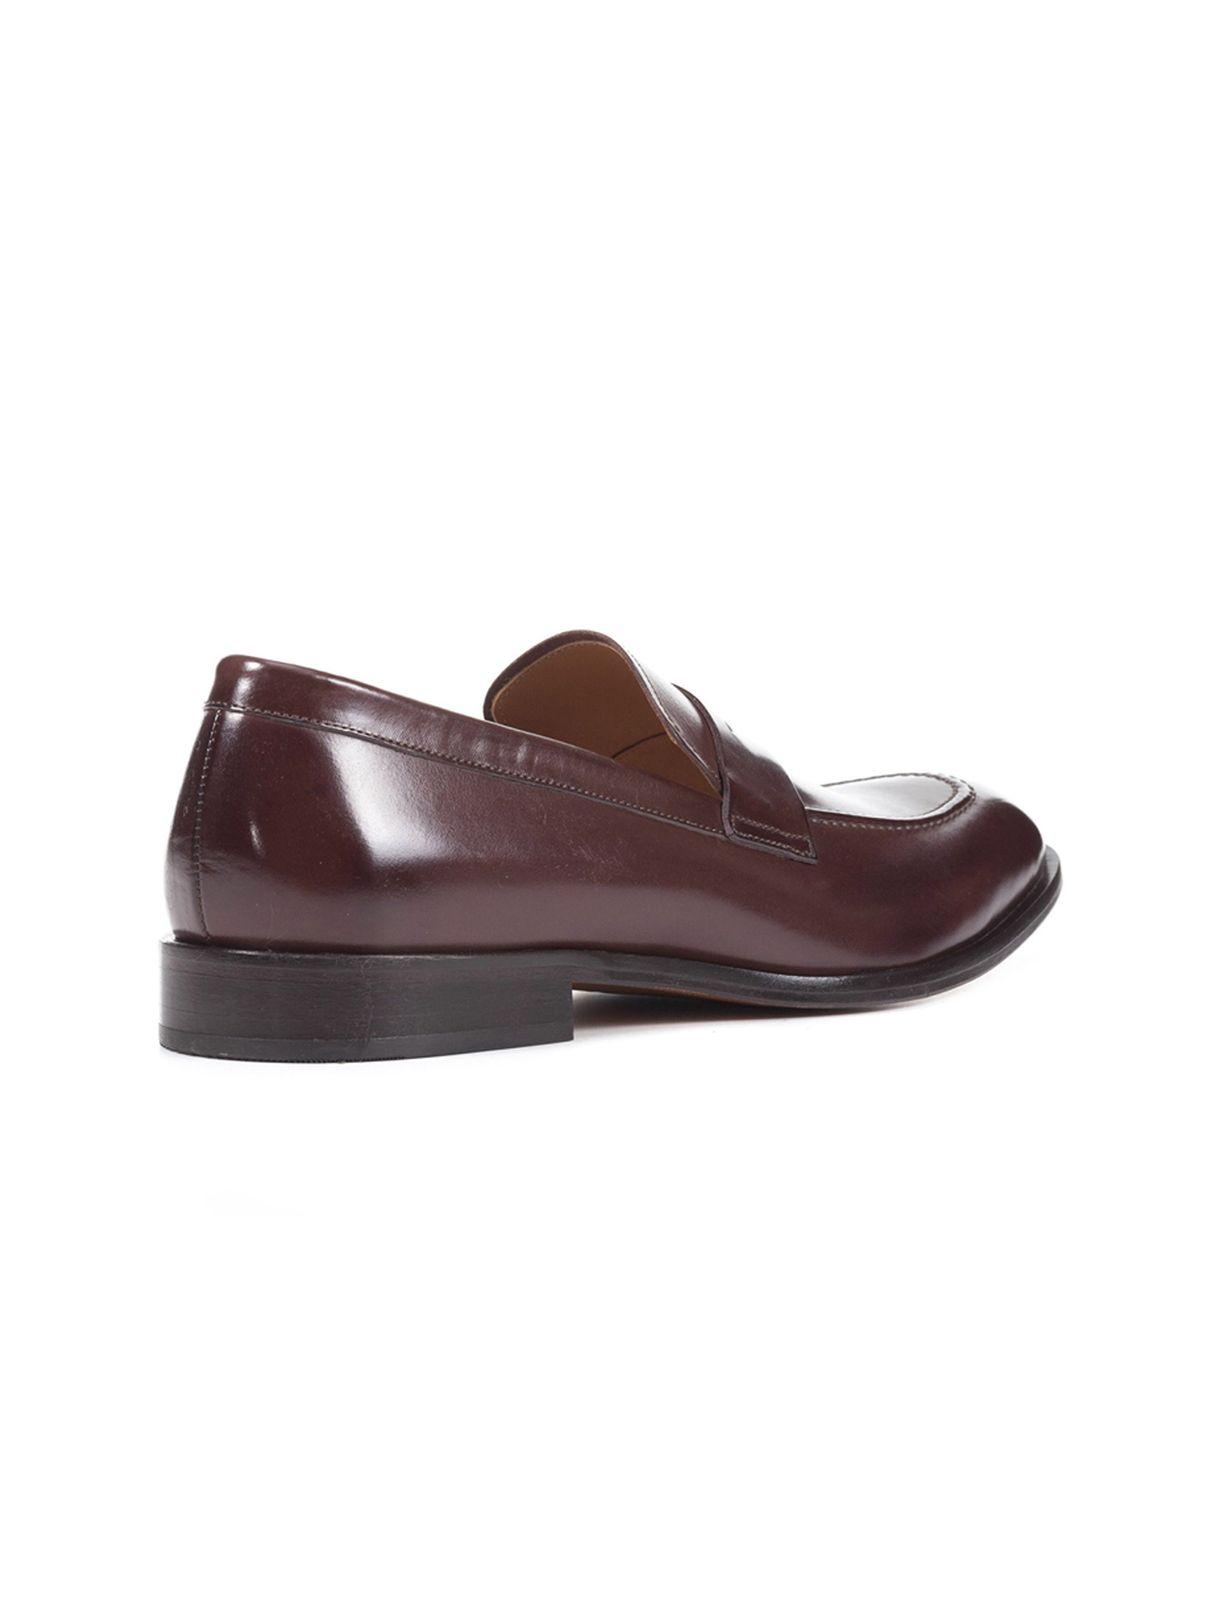 کفش اداری چرم مردانه Saymore D – جی اوکس  Men Casual Office Leather Shoes Saymore D – Geox